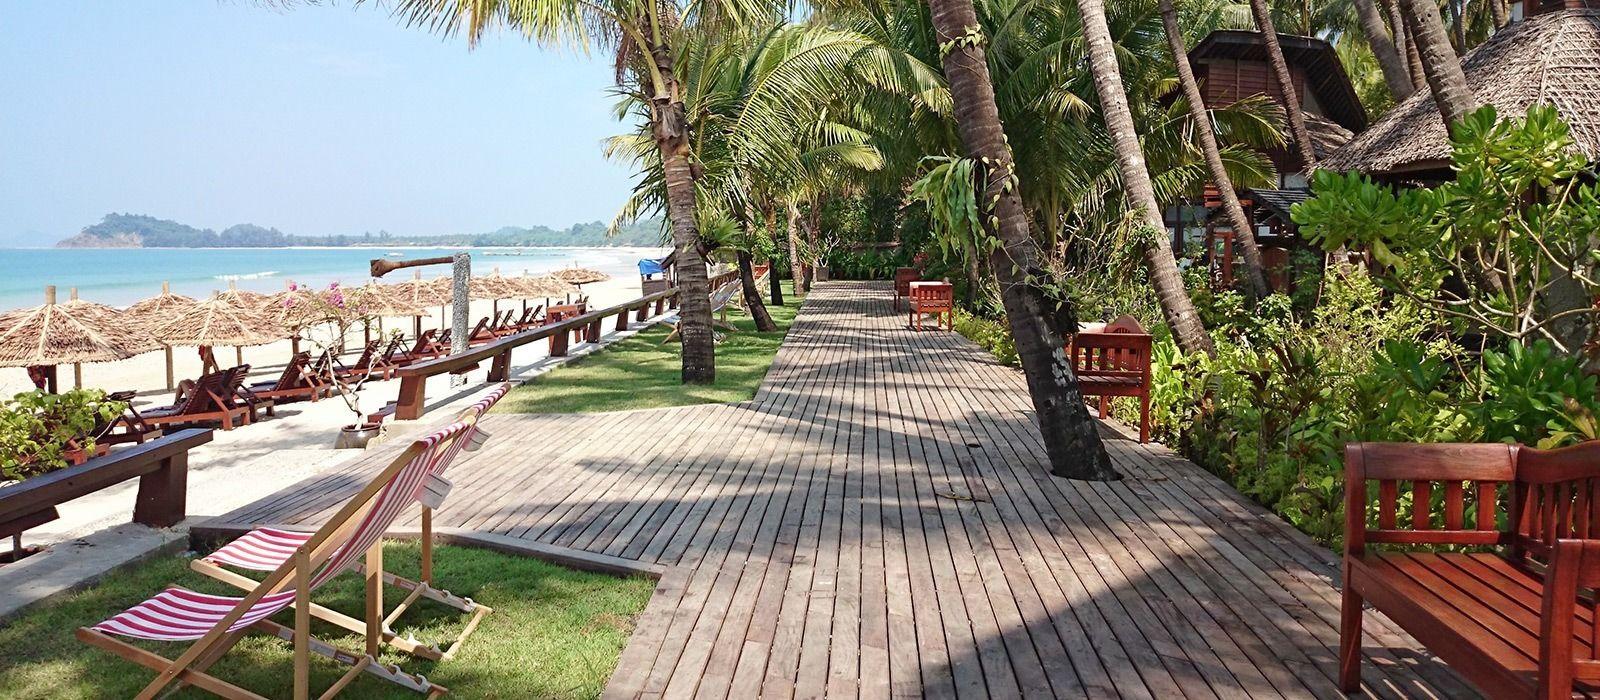 Cultura y playas en Myanmar Tour Trip 2